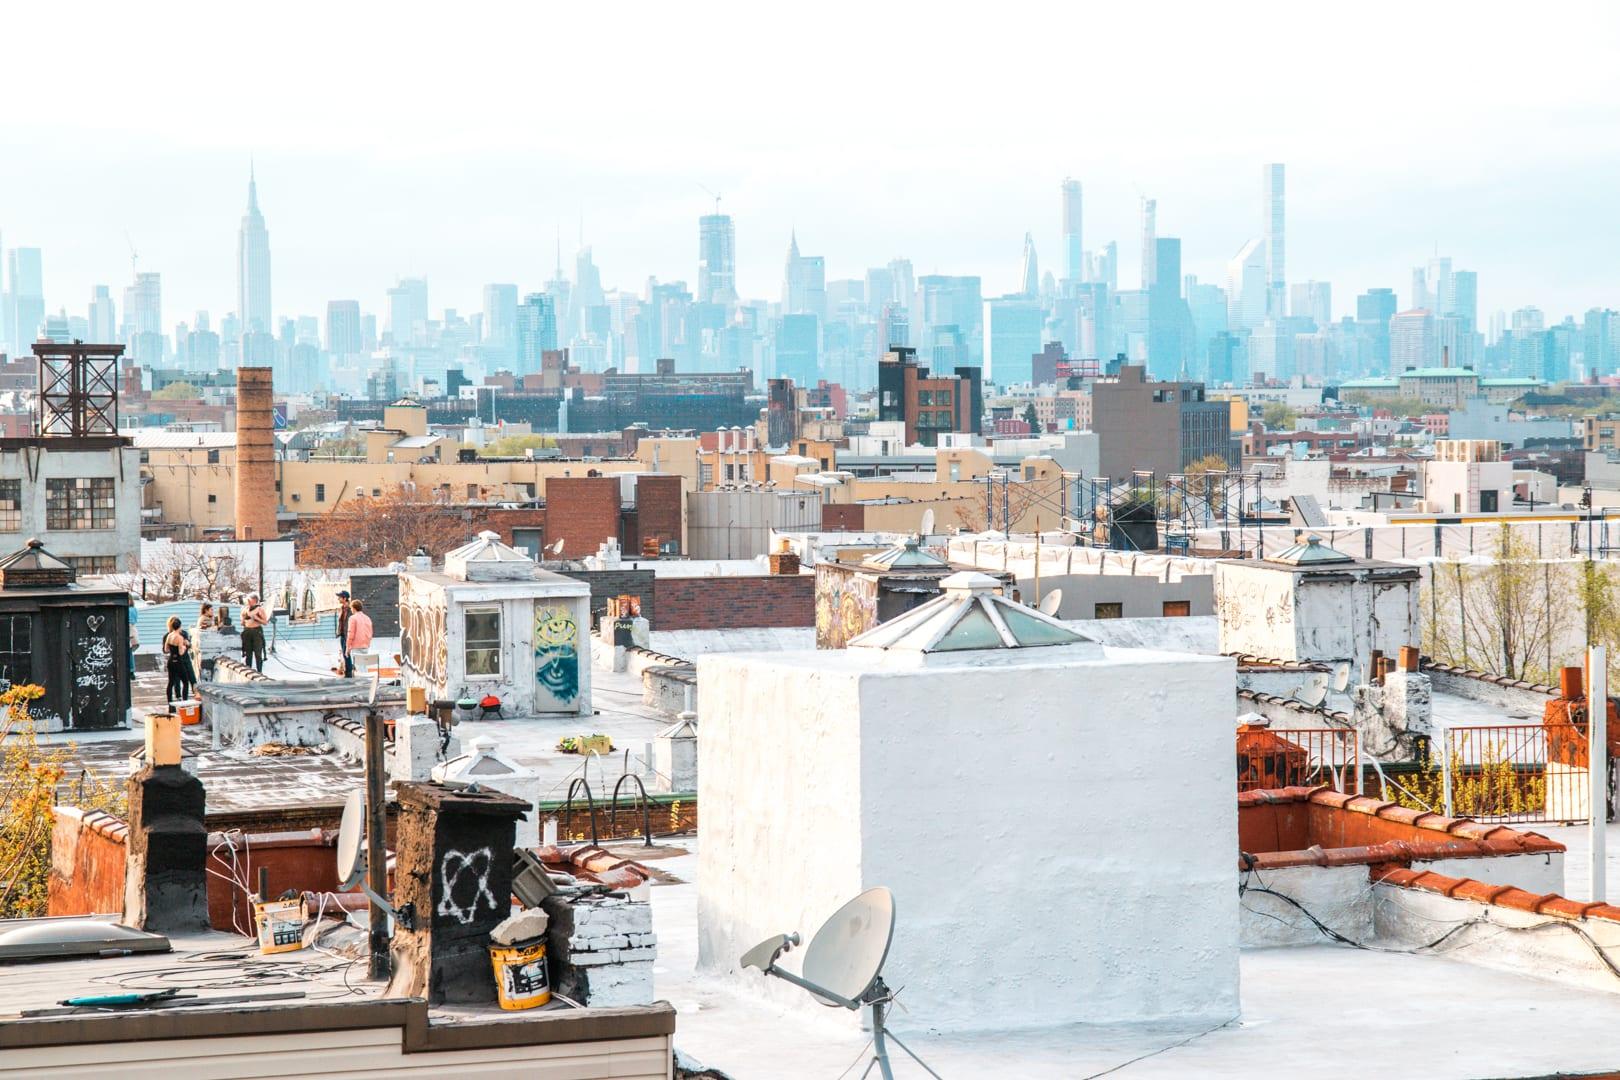 NewYorkUitzichtAirbnb4 - Is New York duur? Dit kost een week New York! (+ budget tips)